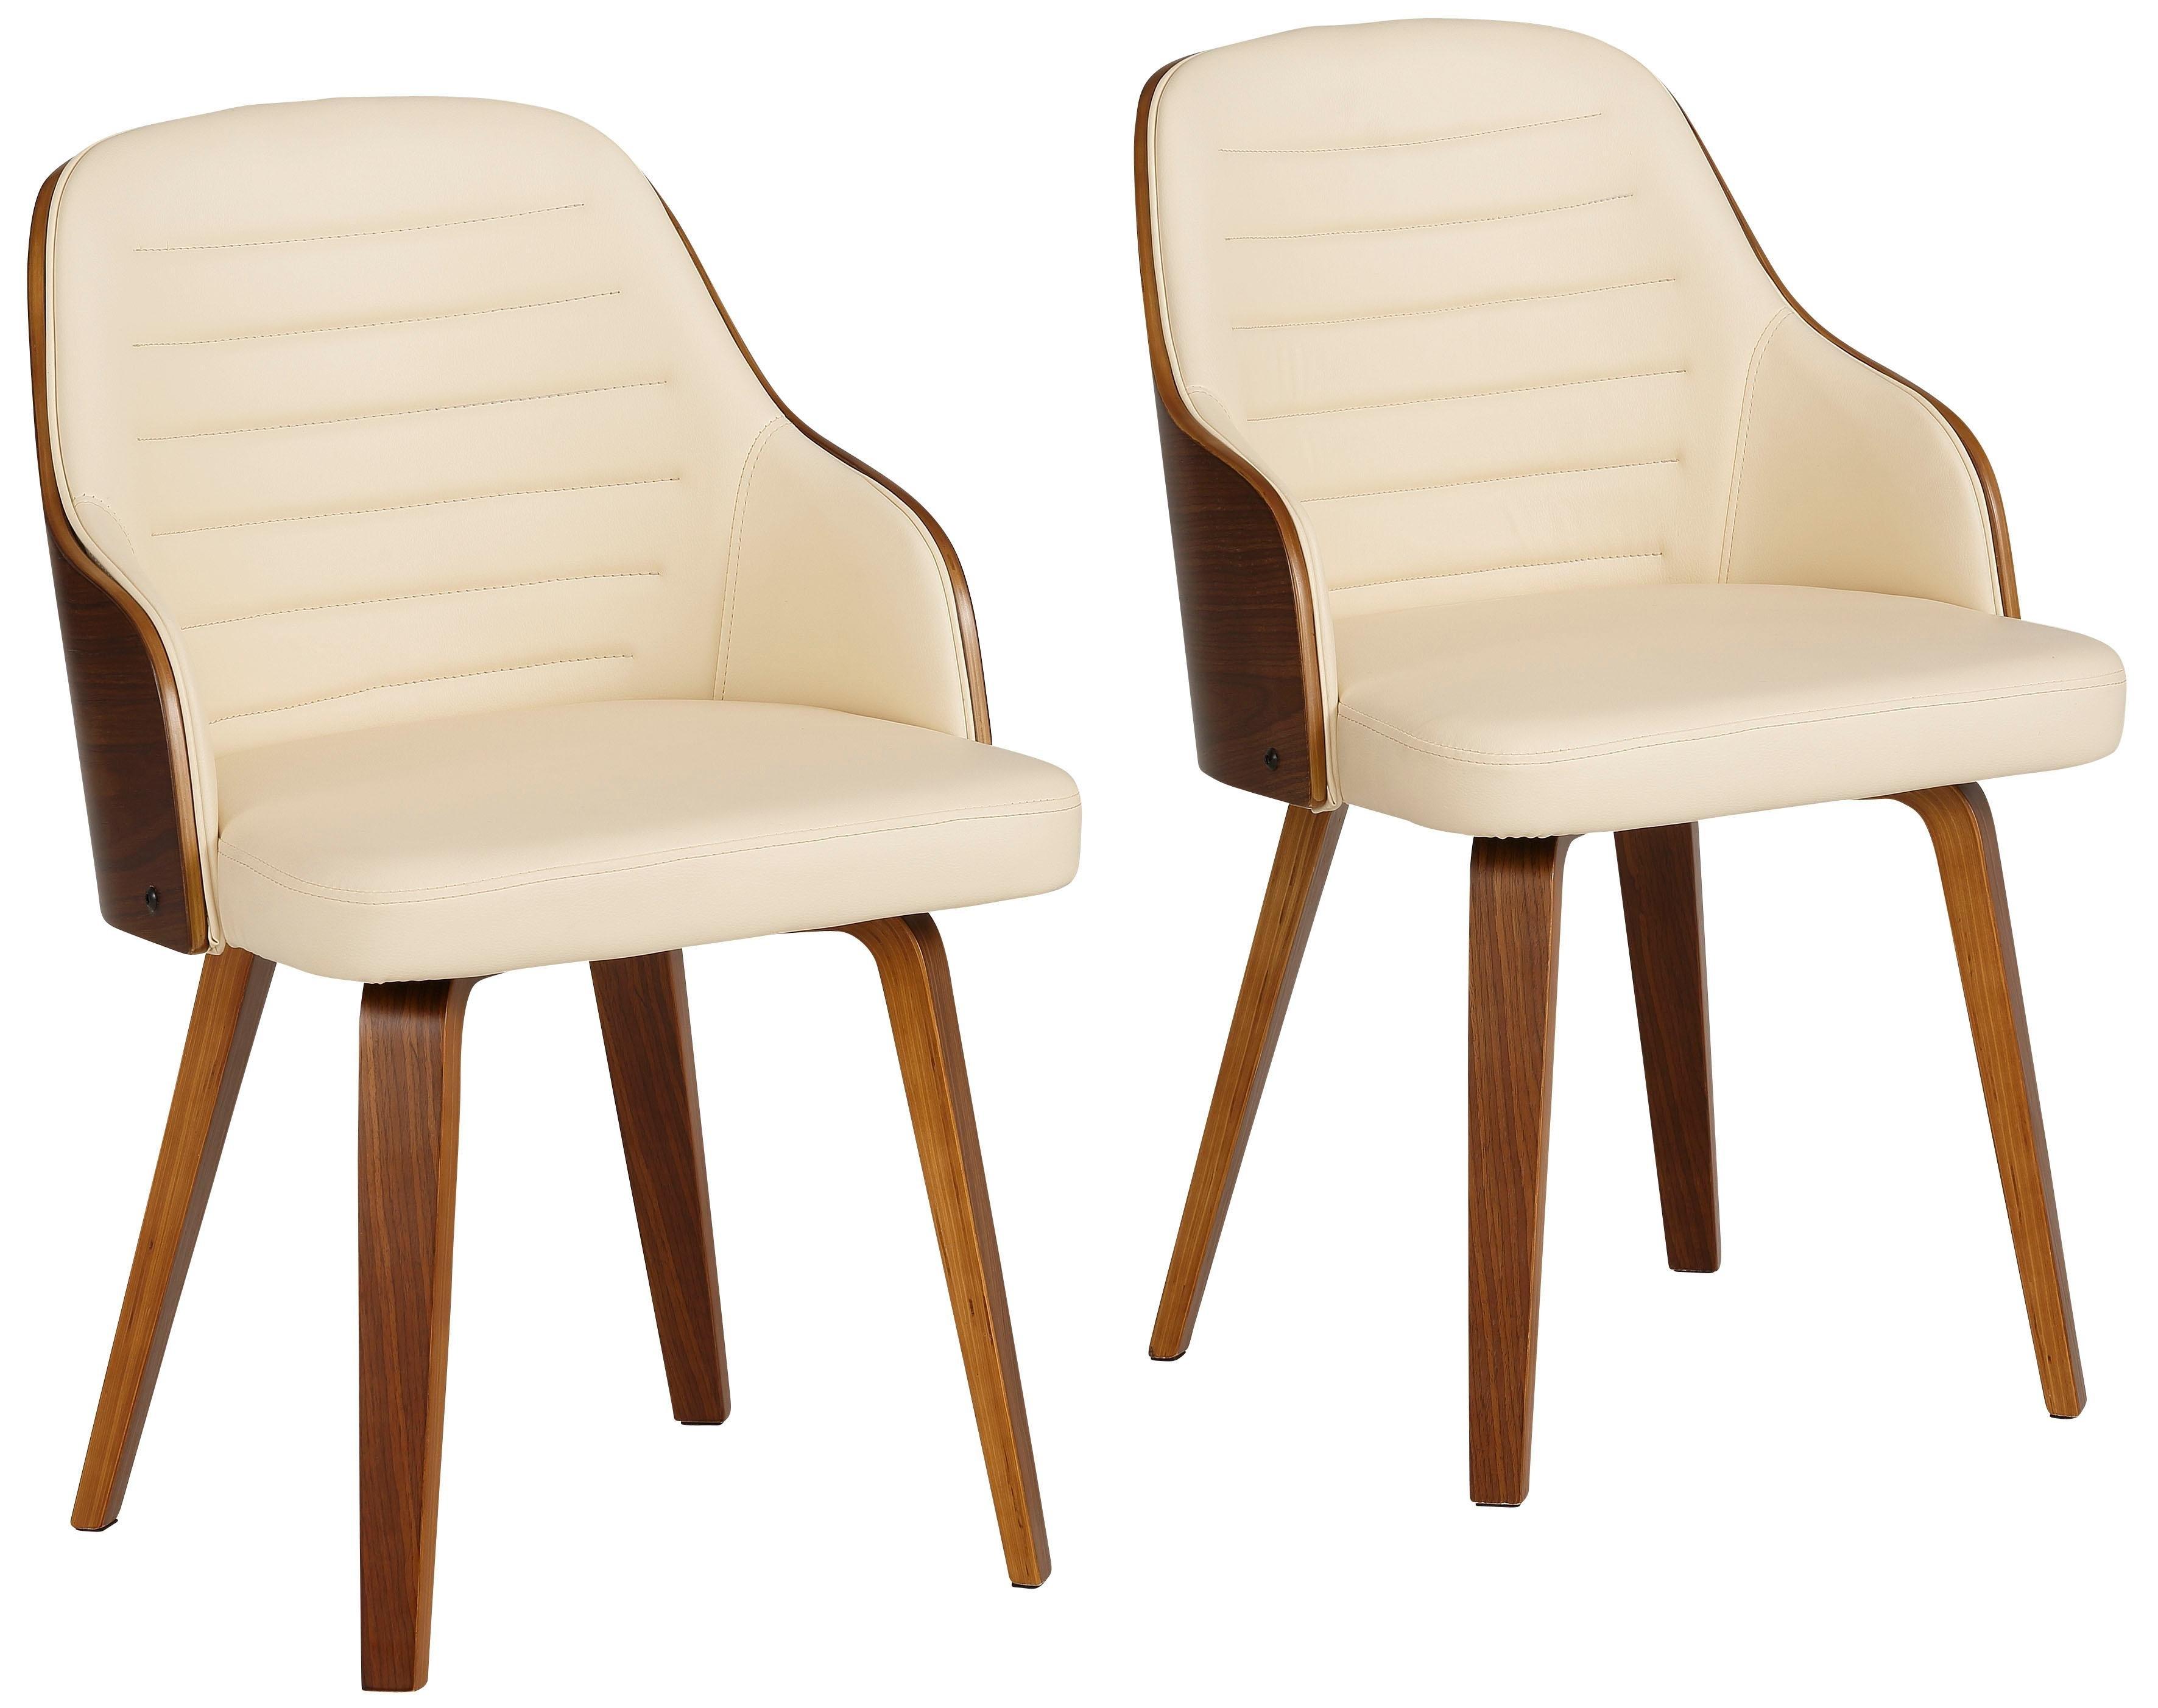 Home affaire stoel met armleuningen Duncan set van 2, van mooi imitatieleer, in verschillende kleurvarianten (set, 2 stuks) - gratis ruilen op otto.nl